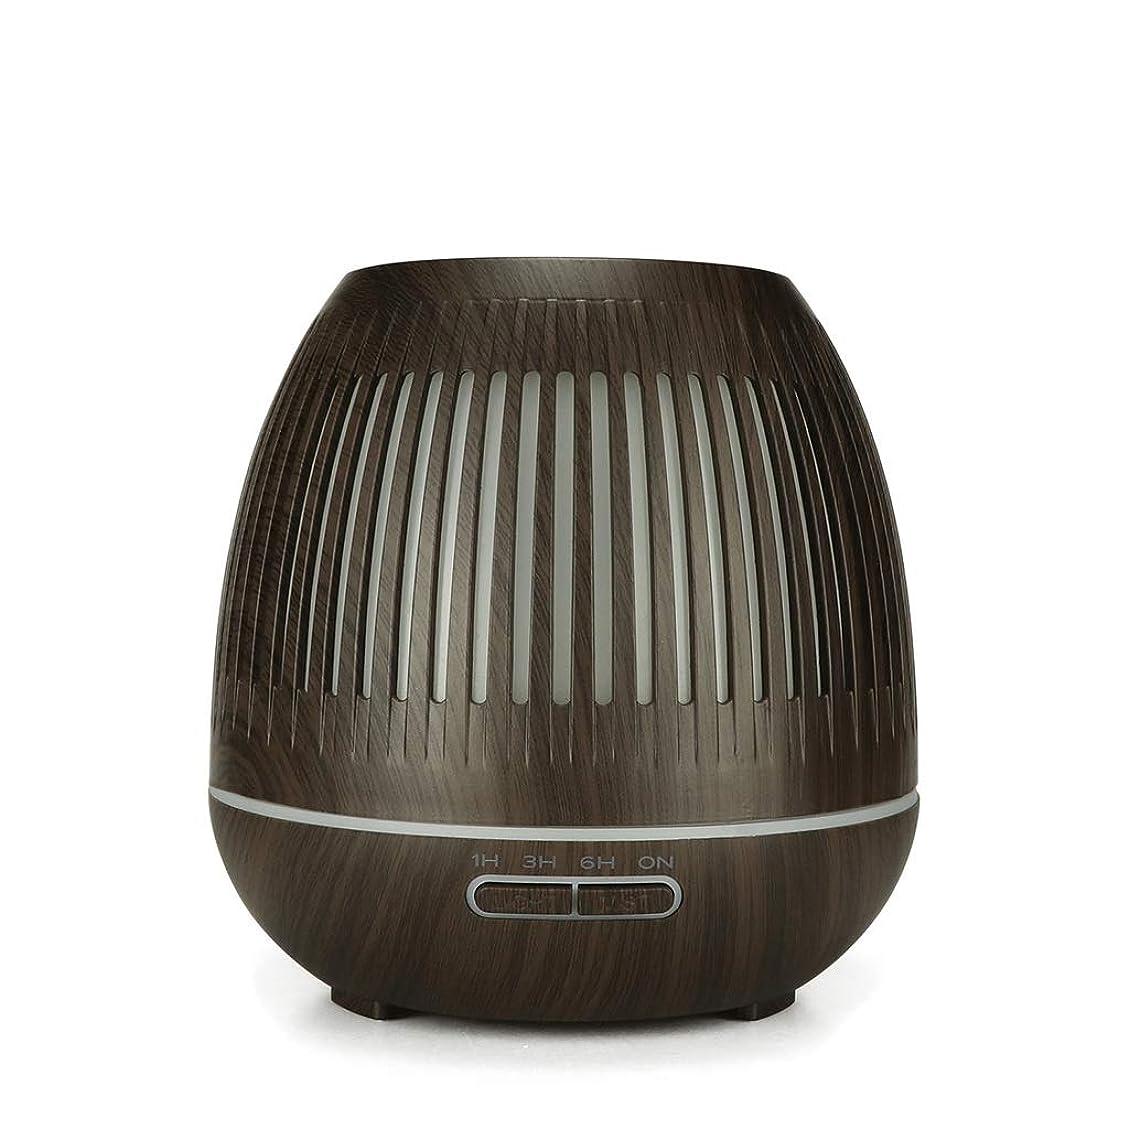 400ミリリットル超音波クールミスト加湿器付きカラーledライト用ホームヨガオフィススパ寝室ベビールーム - ウッドグレインディフューザー (Color : Dark wood grain)